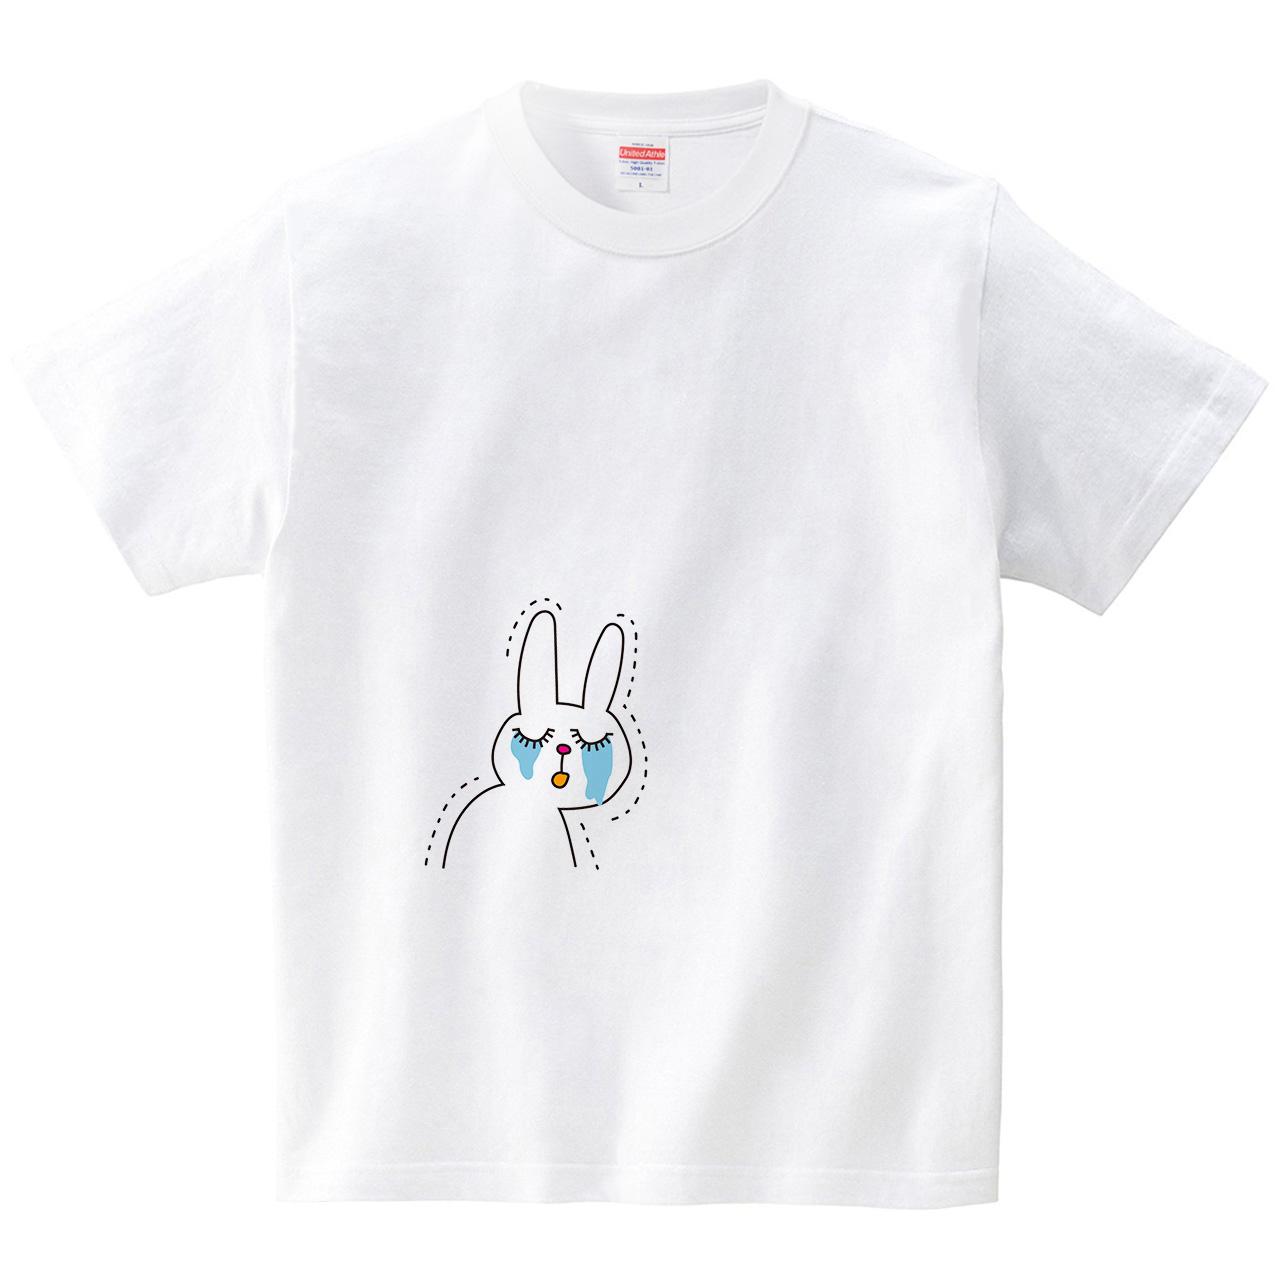 悲しいうさぎさん(Tシャツ・ホワイト)(CHATON_CATON_T)